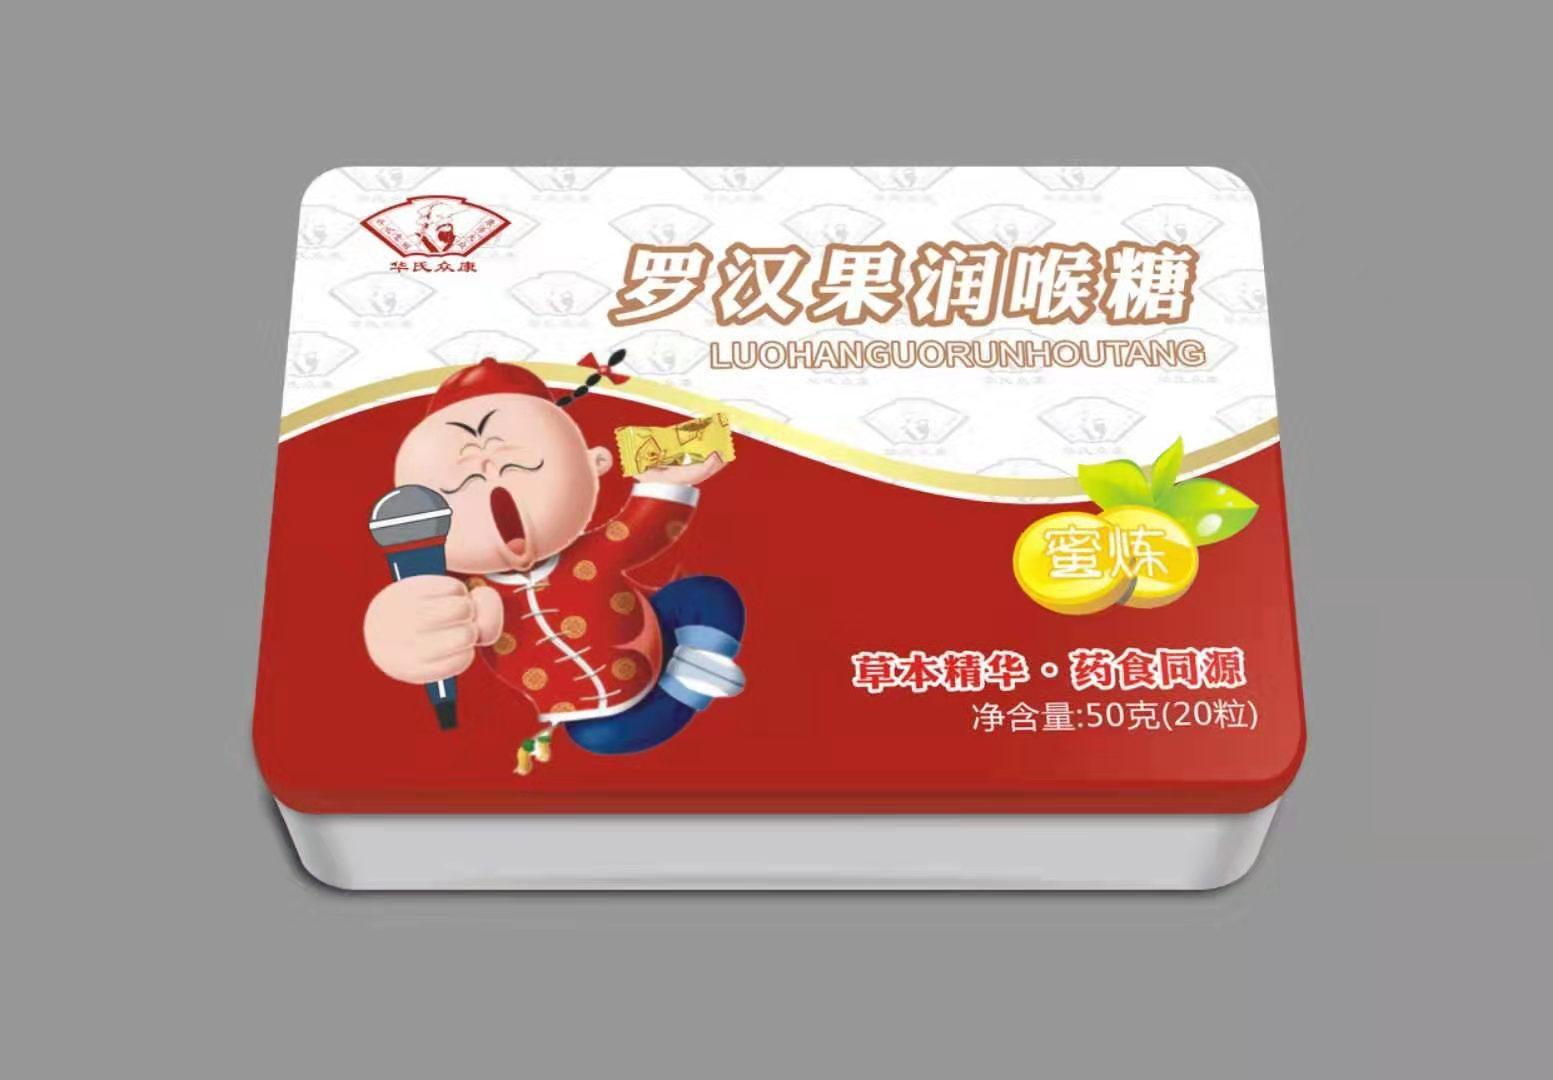 羅漢果潤喉糖